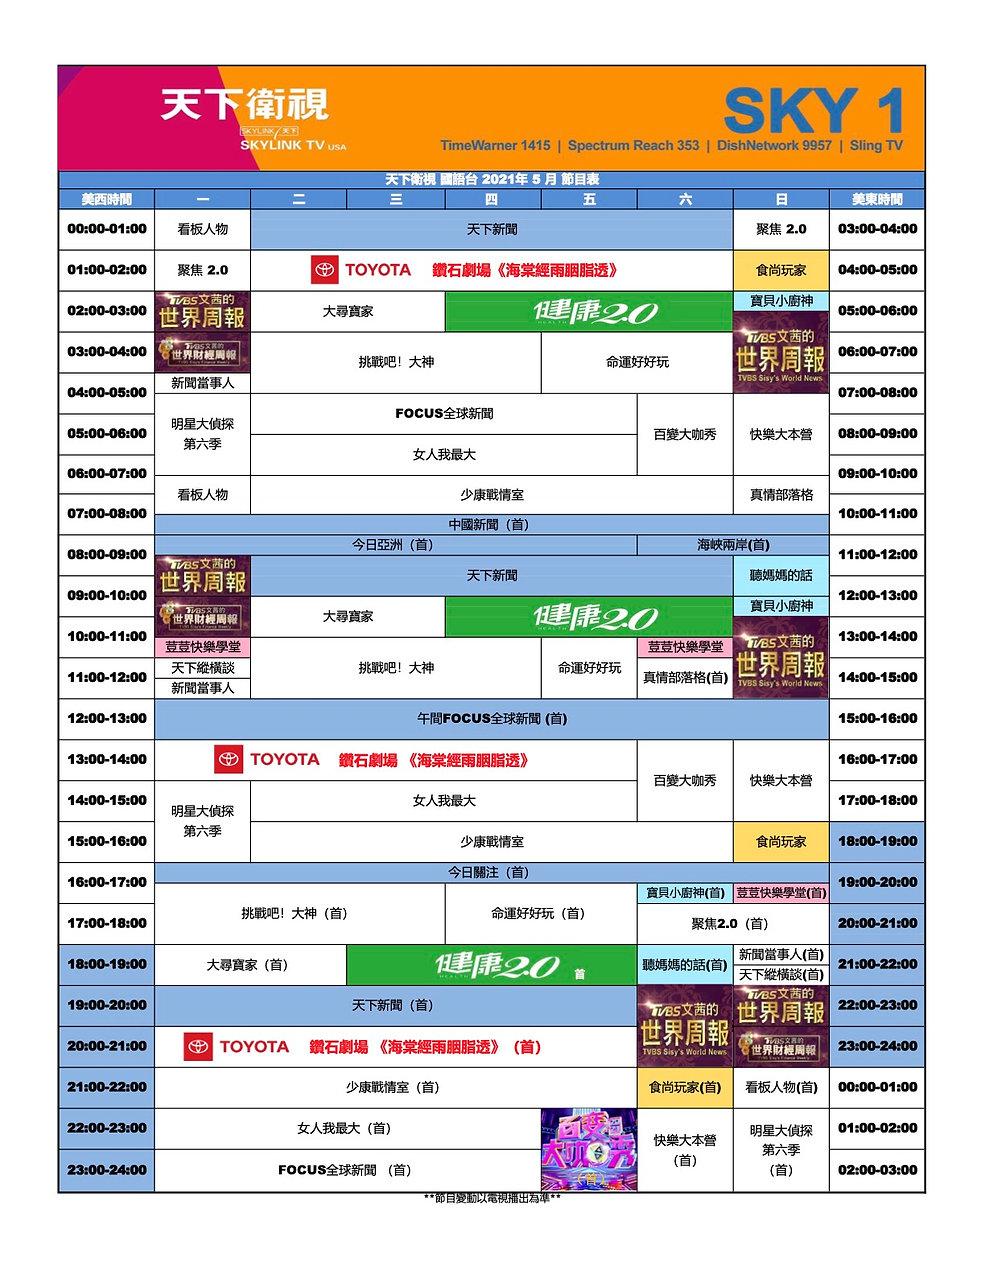 2021年5月國語台節目表.jpg